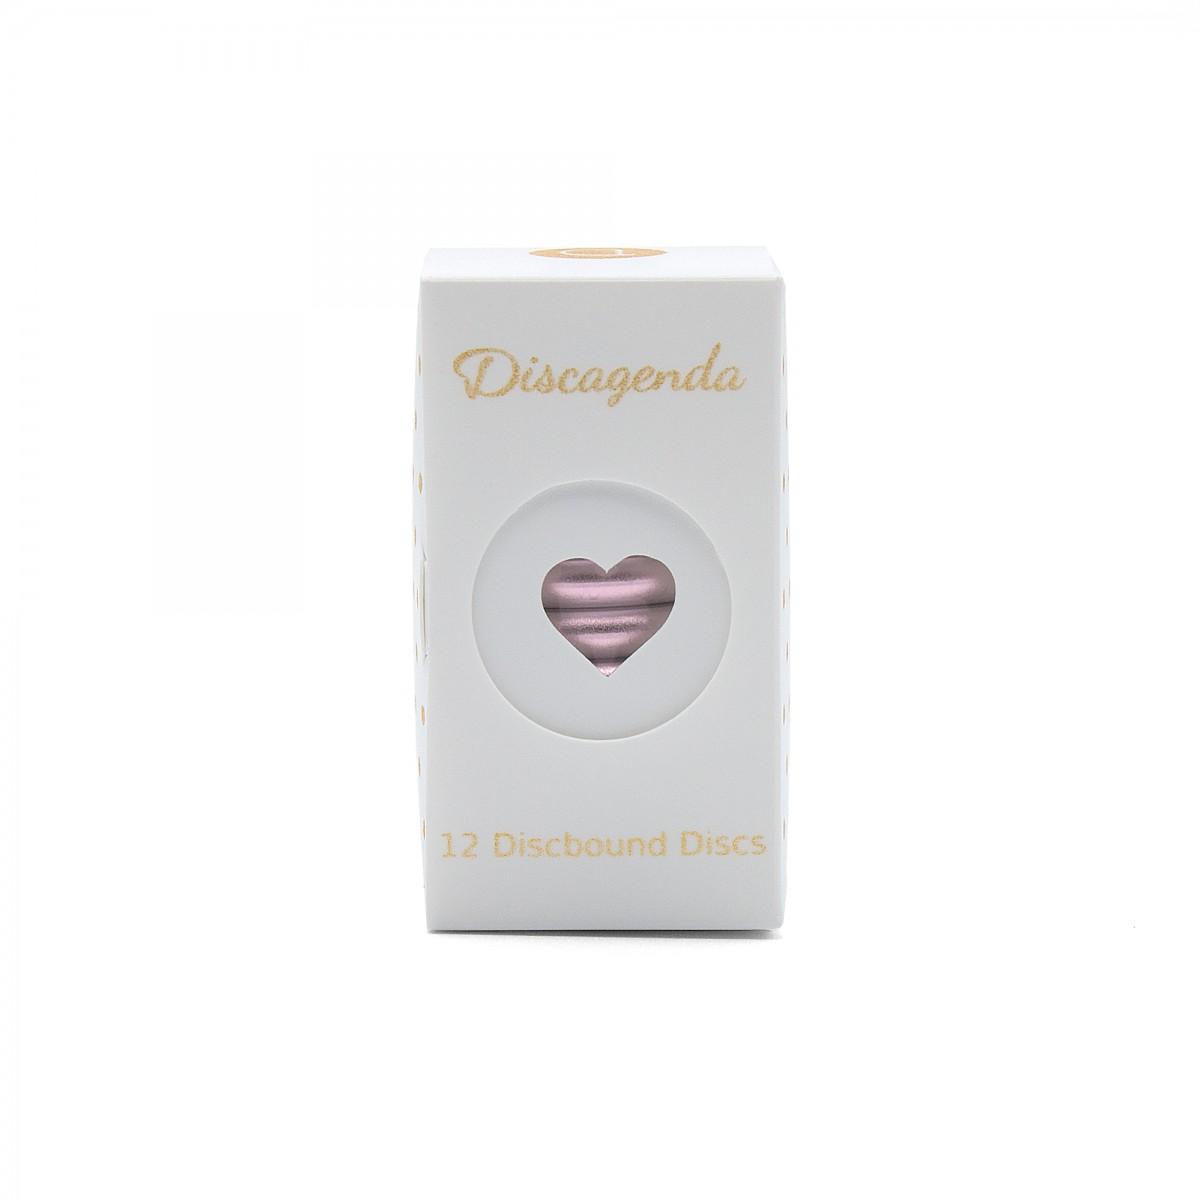 DISCAGENDA DISCBOUND DISCS 33MM 12 PIECE SET ROSE GOLD